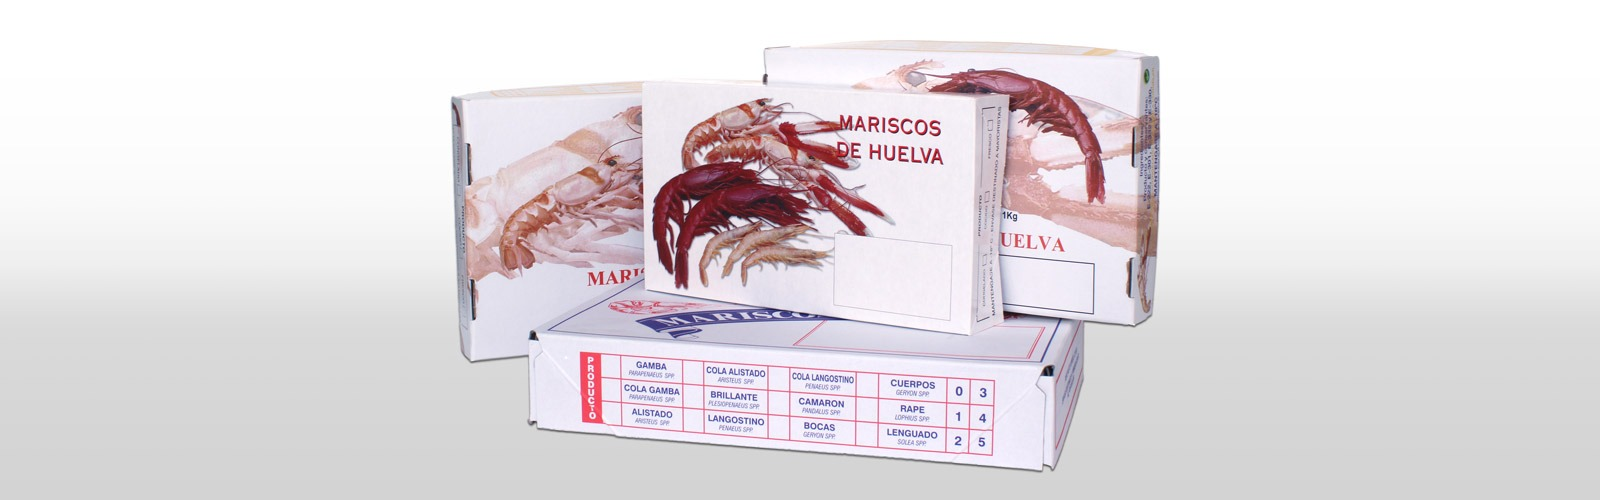 cajas de cartón al por mayor - envases de cartón para alimentos